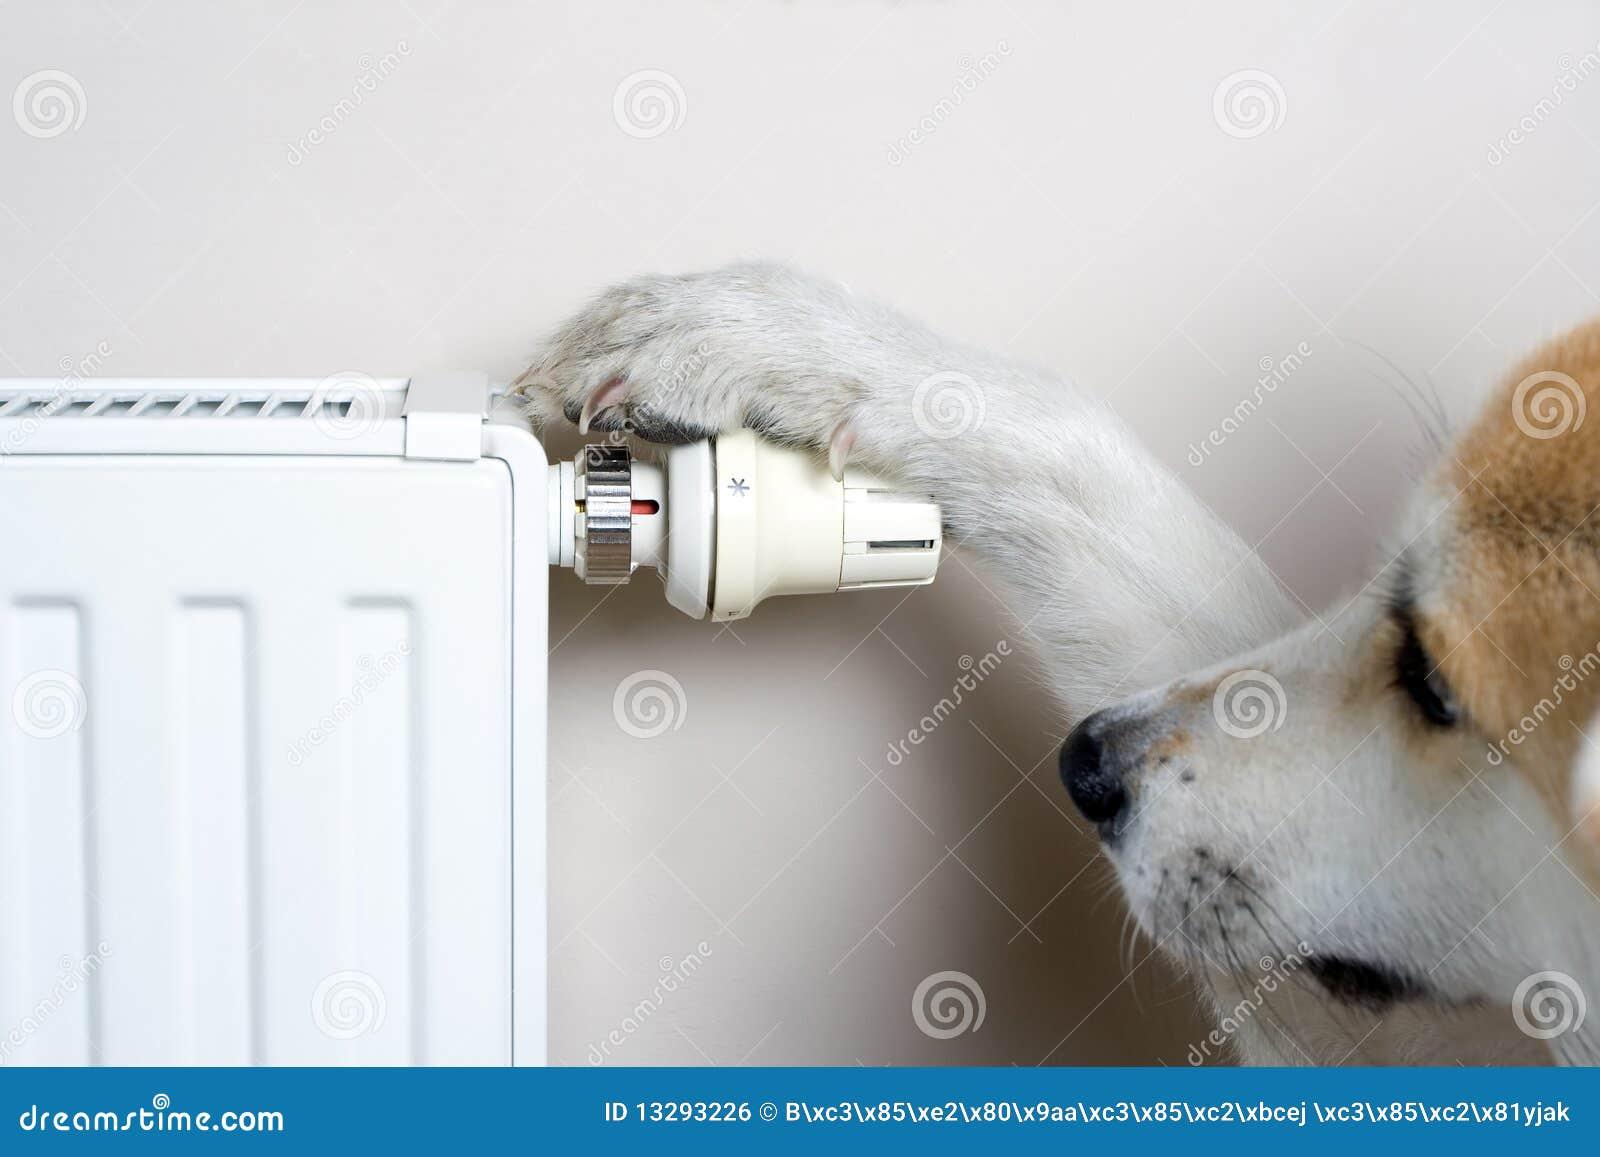 Akita dog adjusting comfort temperature